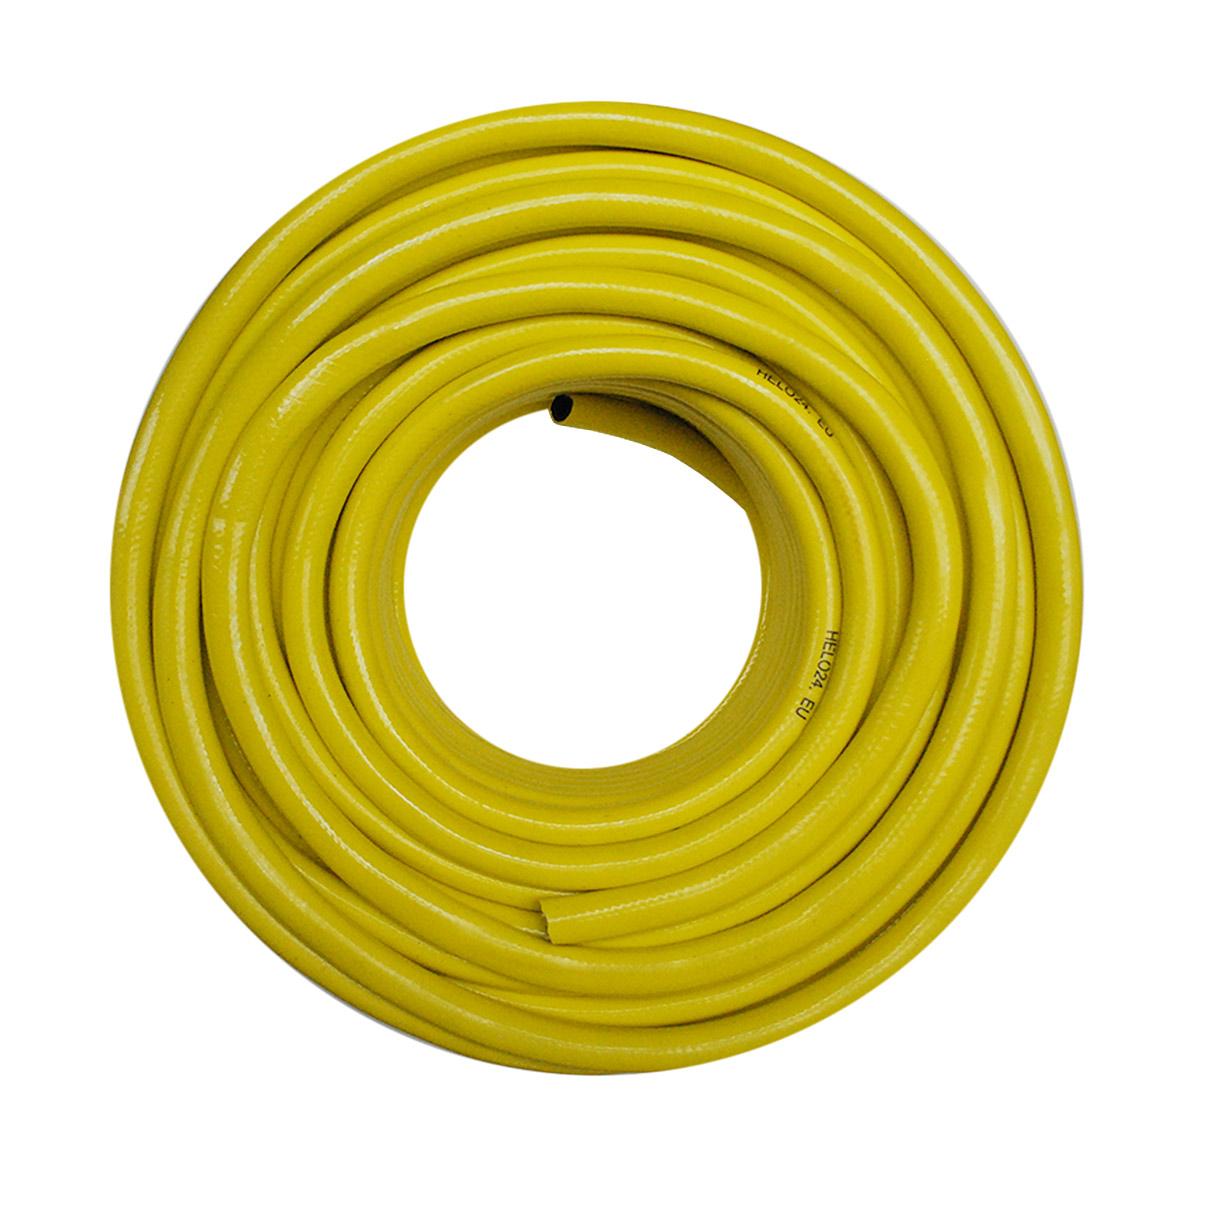 gartenschlauch wasserschlauch bew sserungsschlauch 30m 1 zoll gelb 0 99 m freizeit garten. Black Bedroom Furniture Sets. Home Design Ideas